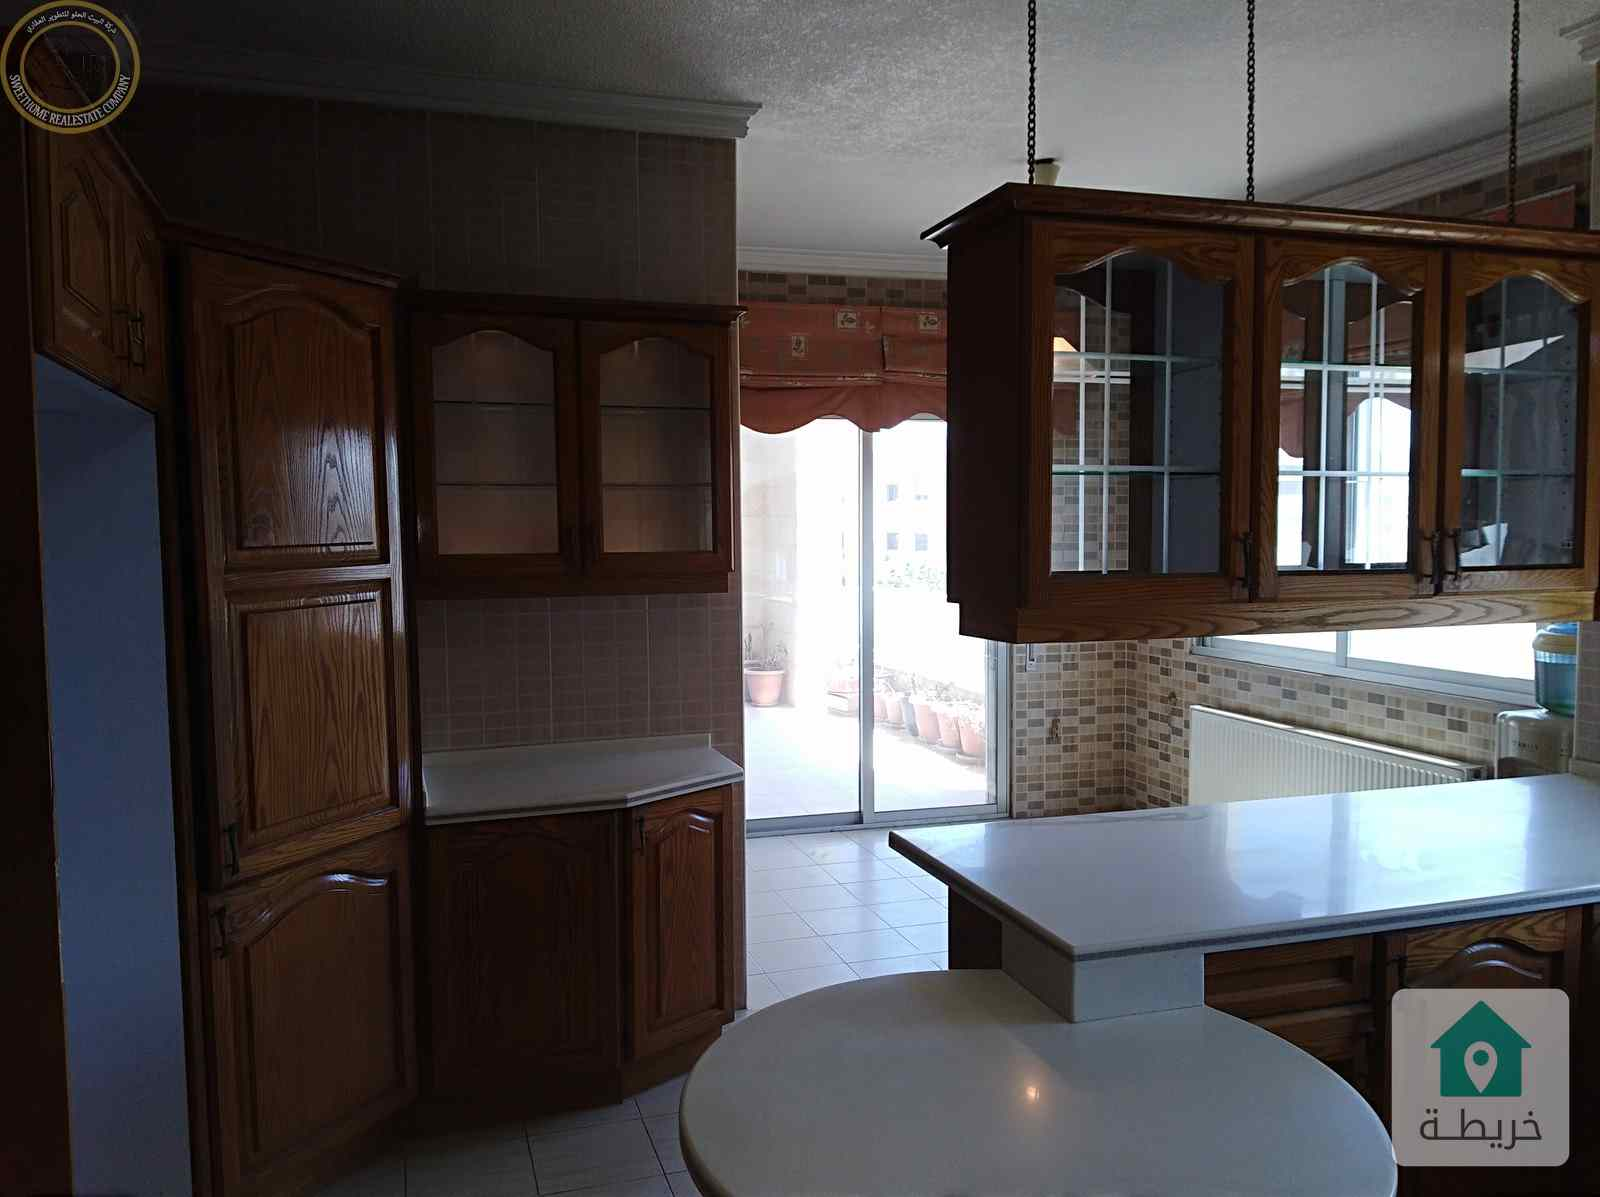 شقة مميزة للبيع في خلدا طابق ثالث 320م مع روف 110م بسعر مغري.